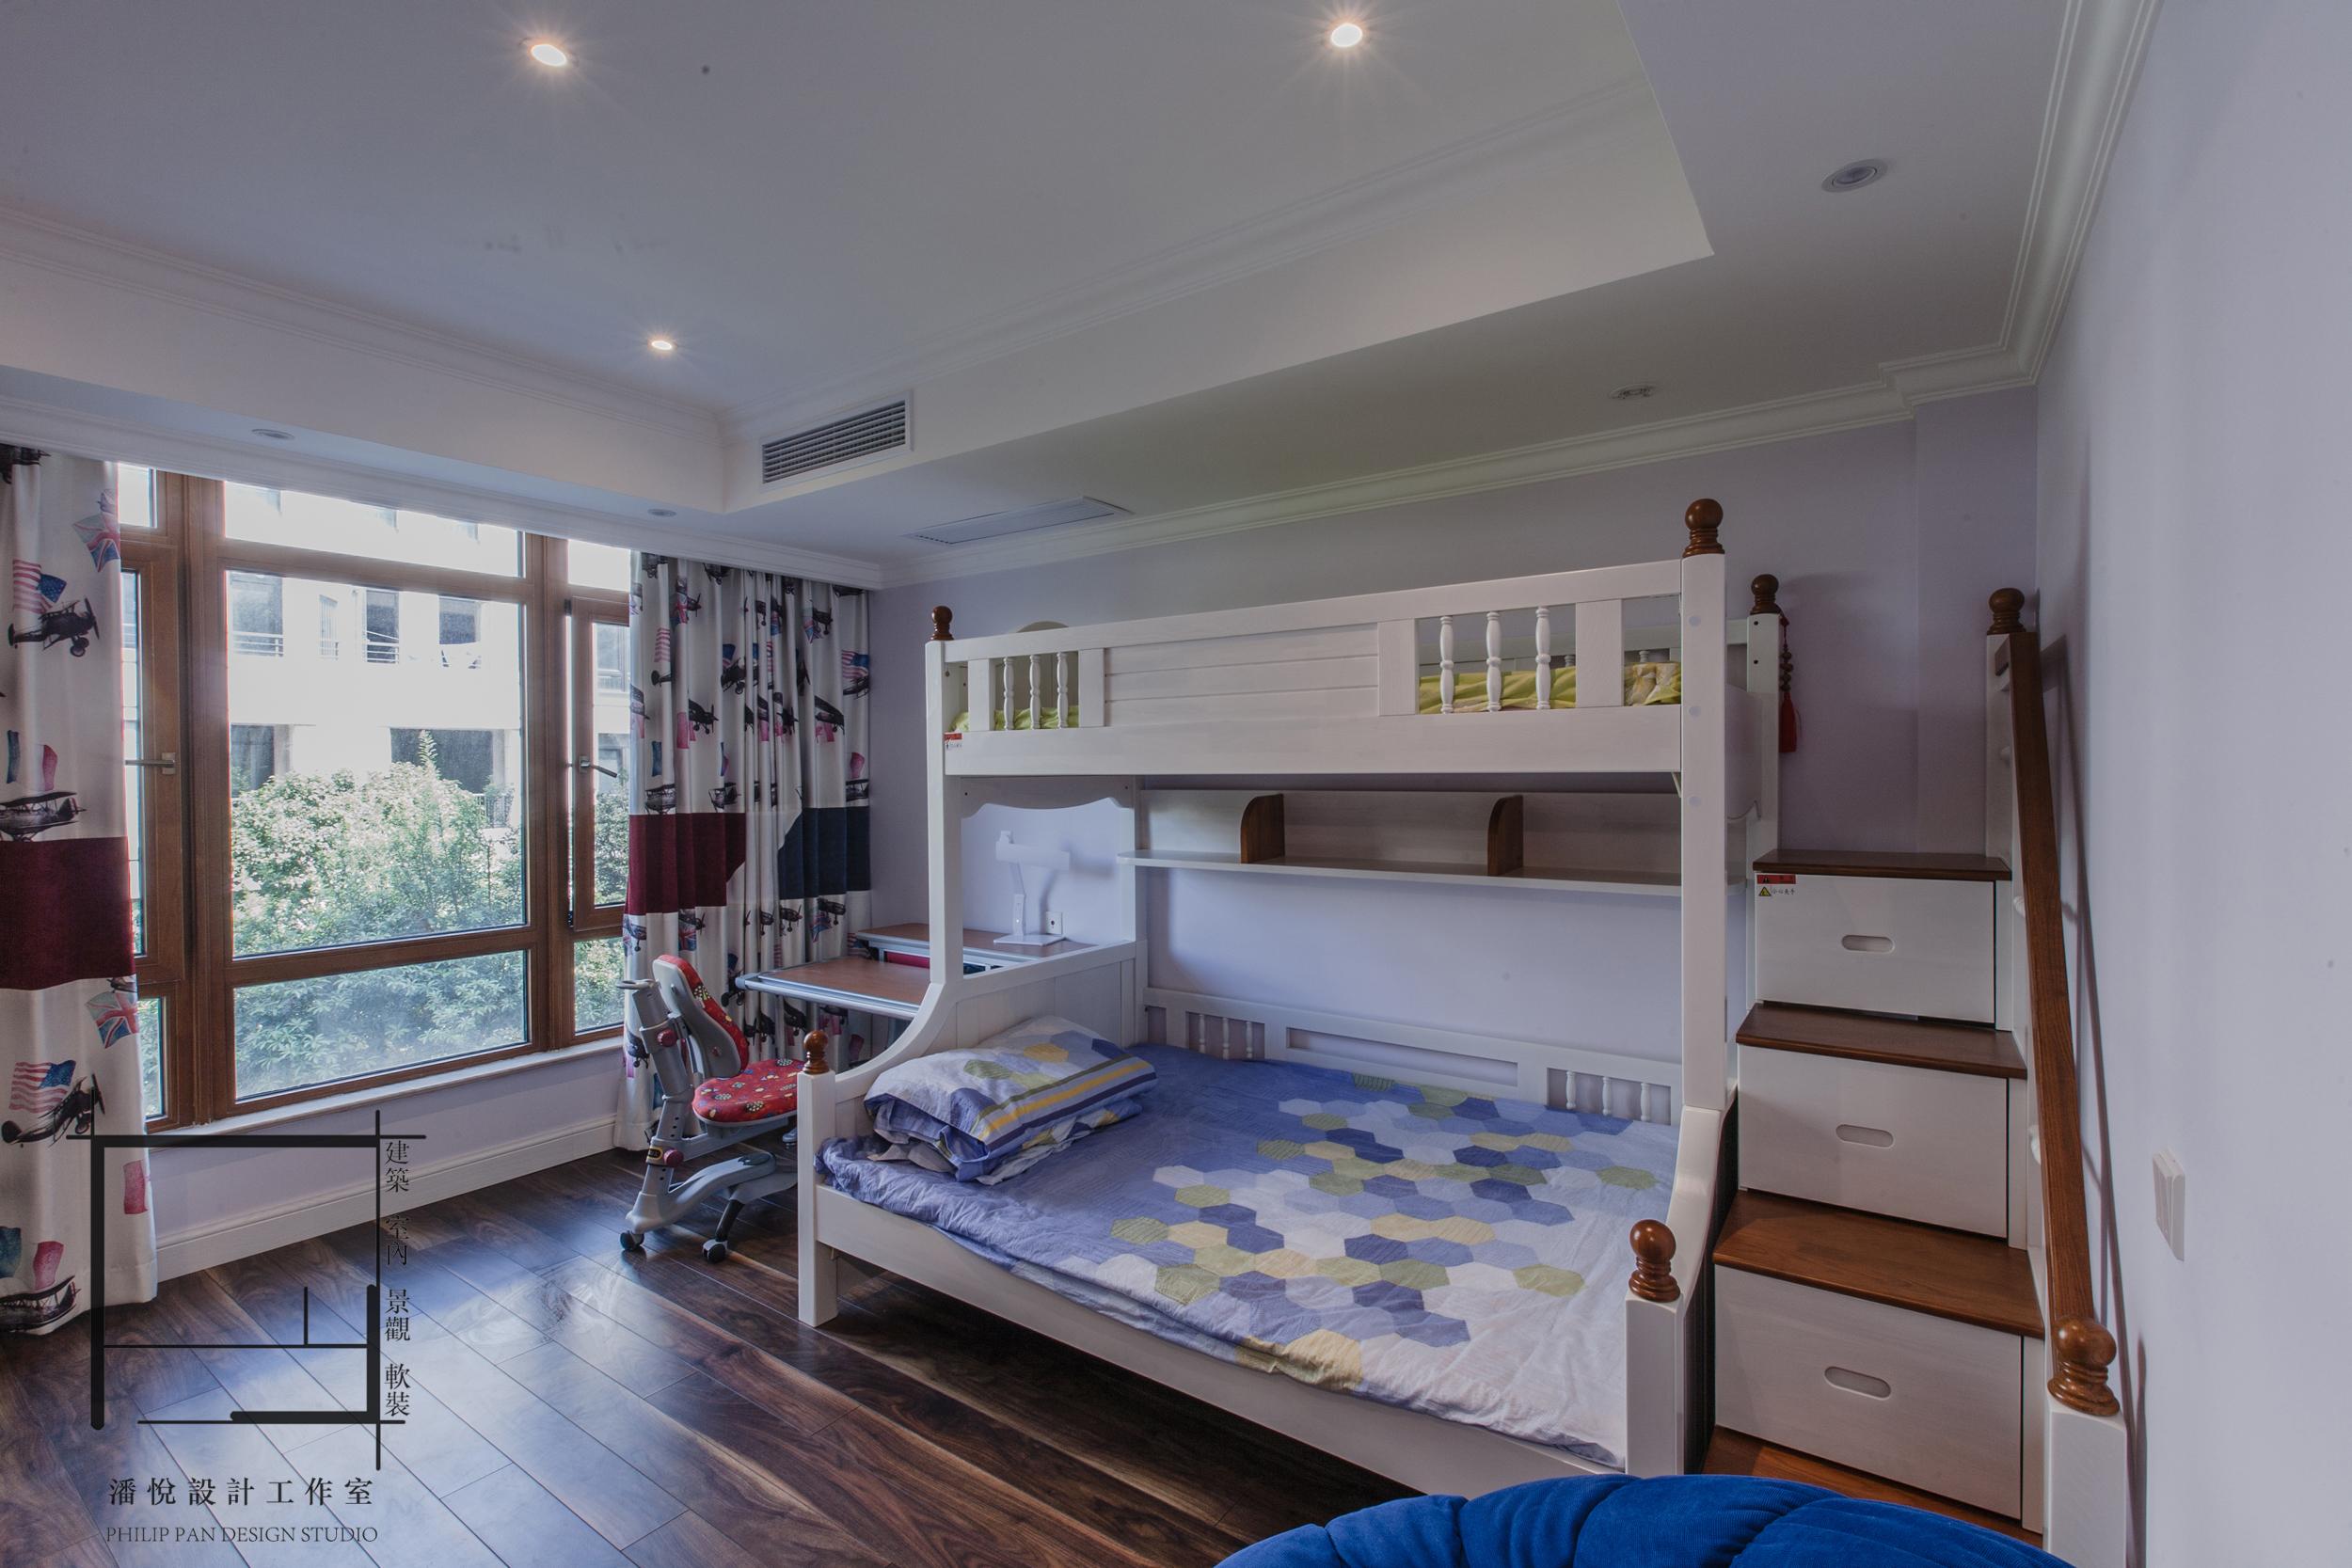 欧式 混搭 80后 小资 儿童房图片来自潘悦设计事务所在品味·歐風-上海復地香梔花園的分享